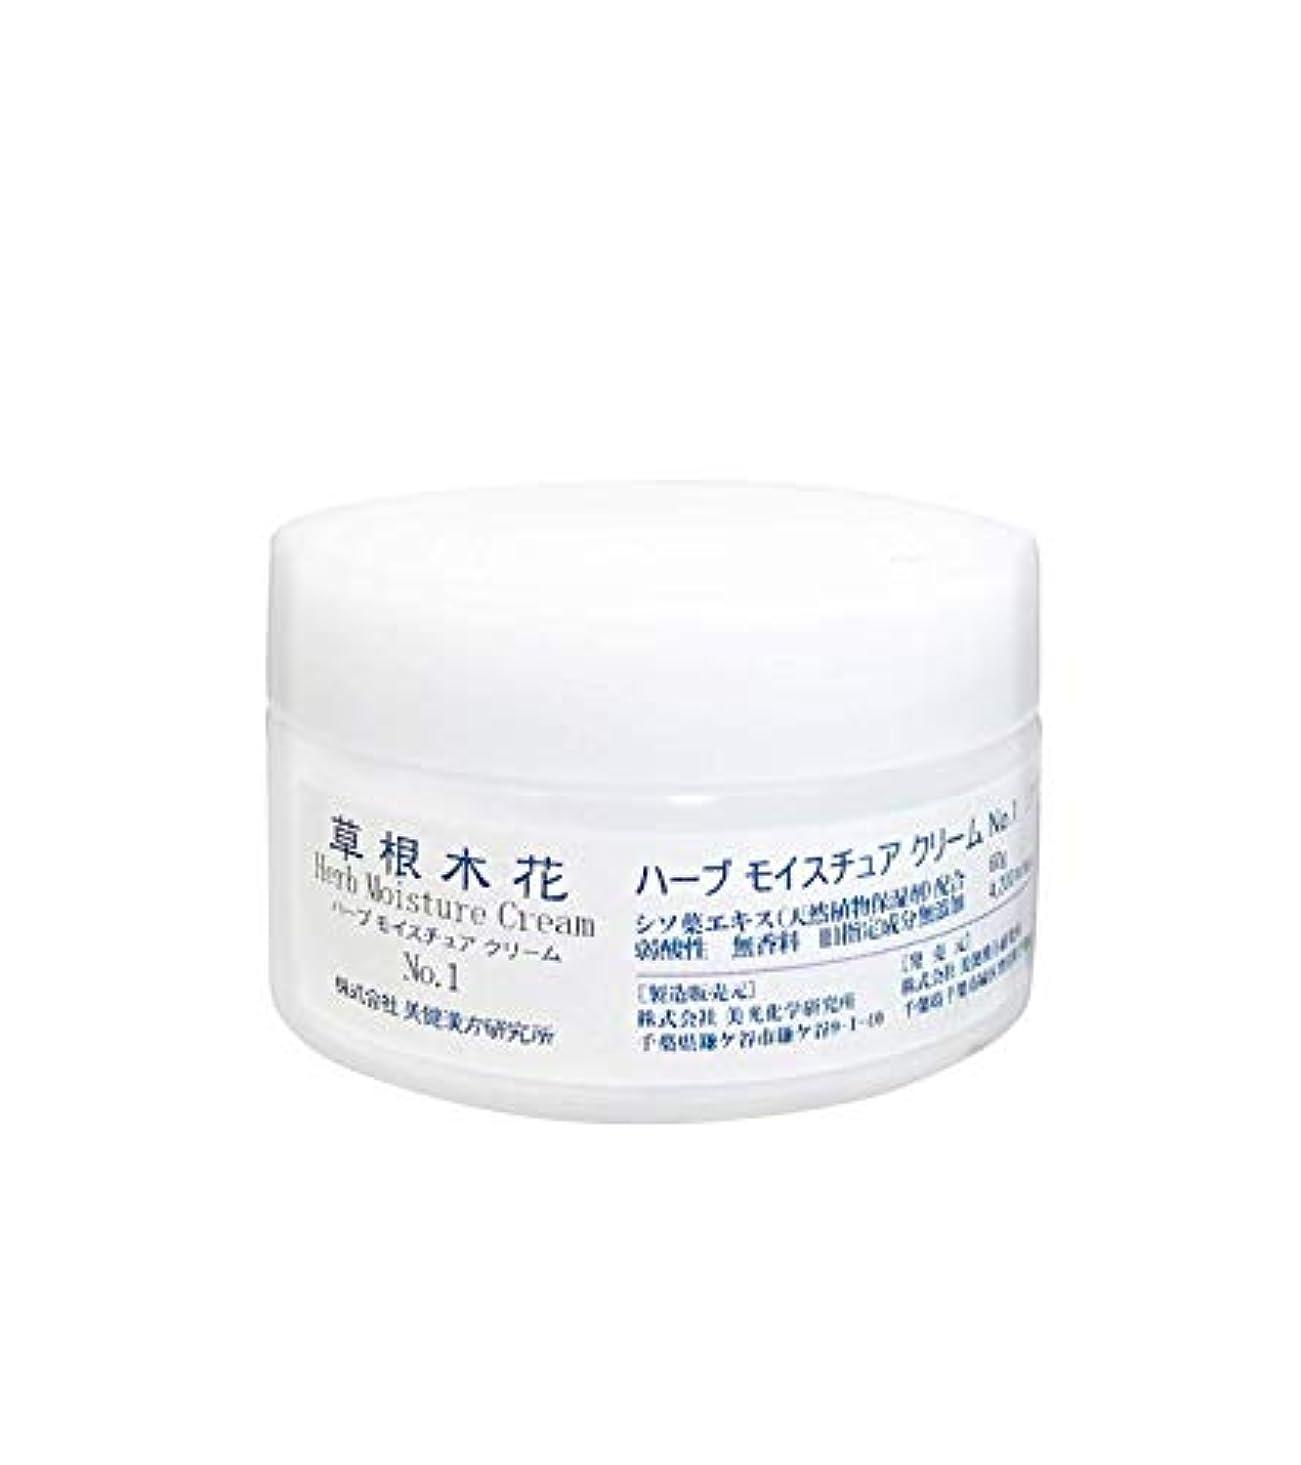 しょっぱい力学歩く「草根木花 ハーブモイスチュアクリームNo.1 (紫蘇クリーム)」  乾燥肌?敏感肌にシソエキス  シェアドコスメ(男女兼用化粧品)